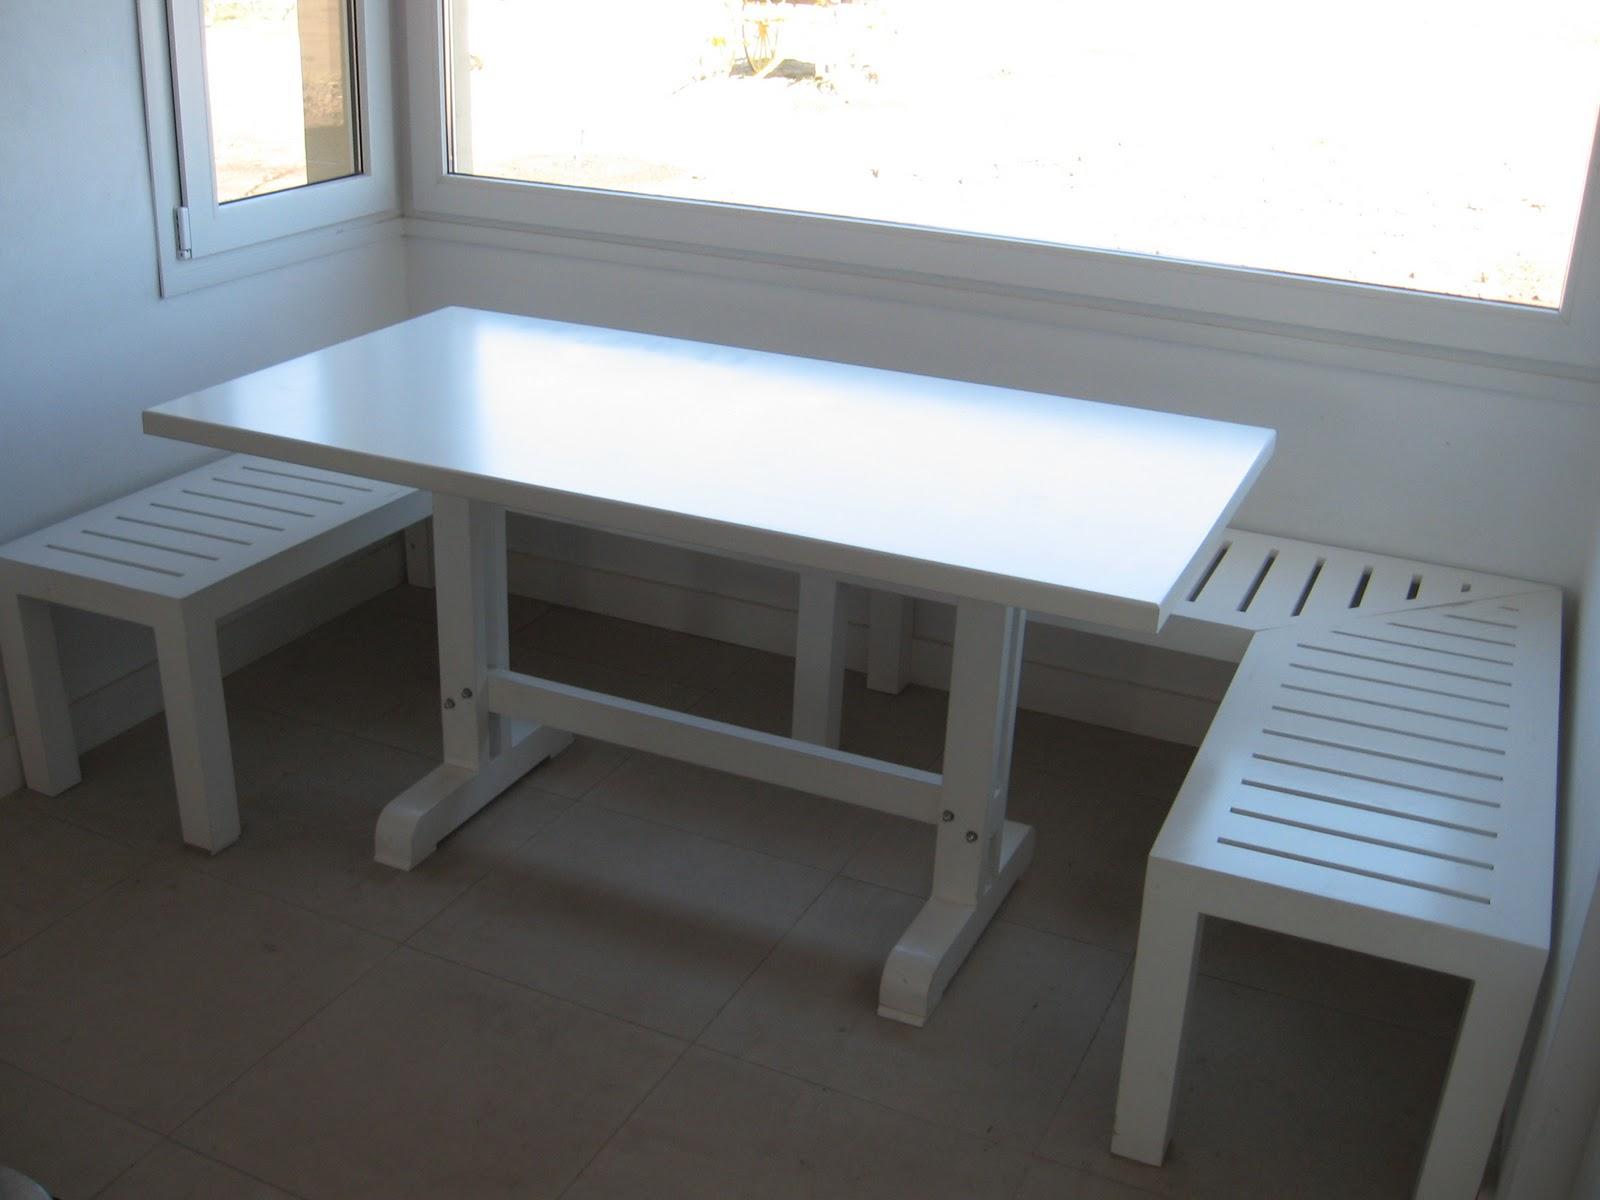 Mesa y banco comedor diario laqueados en blanco - Mesas para comedor diario ...